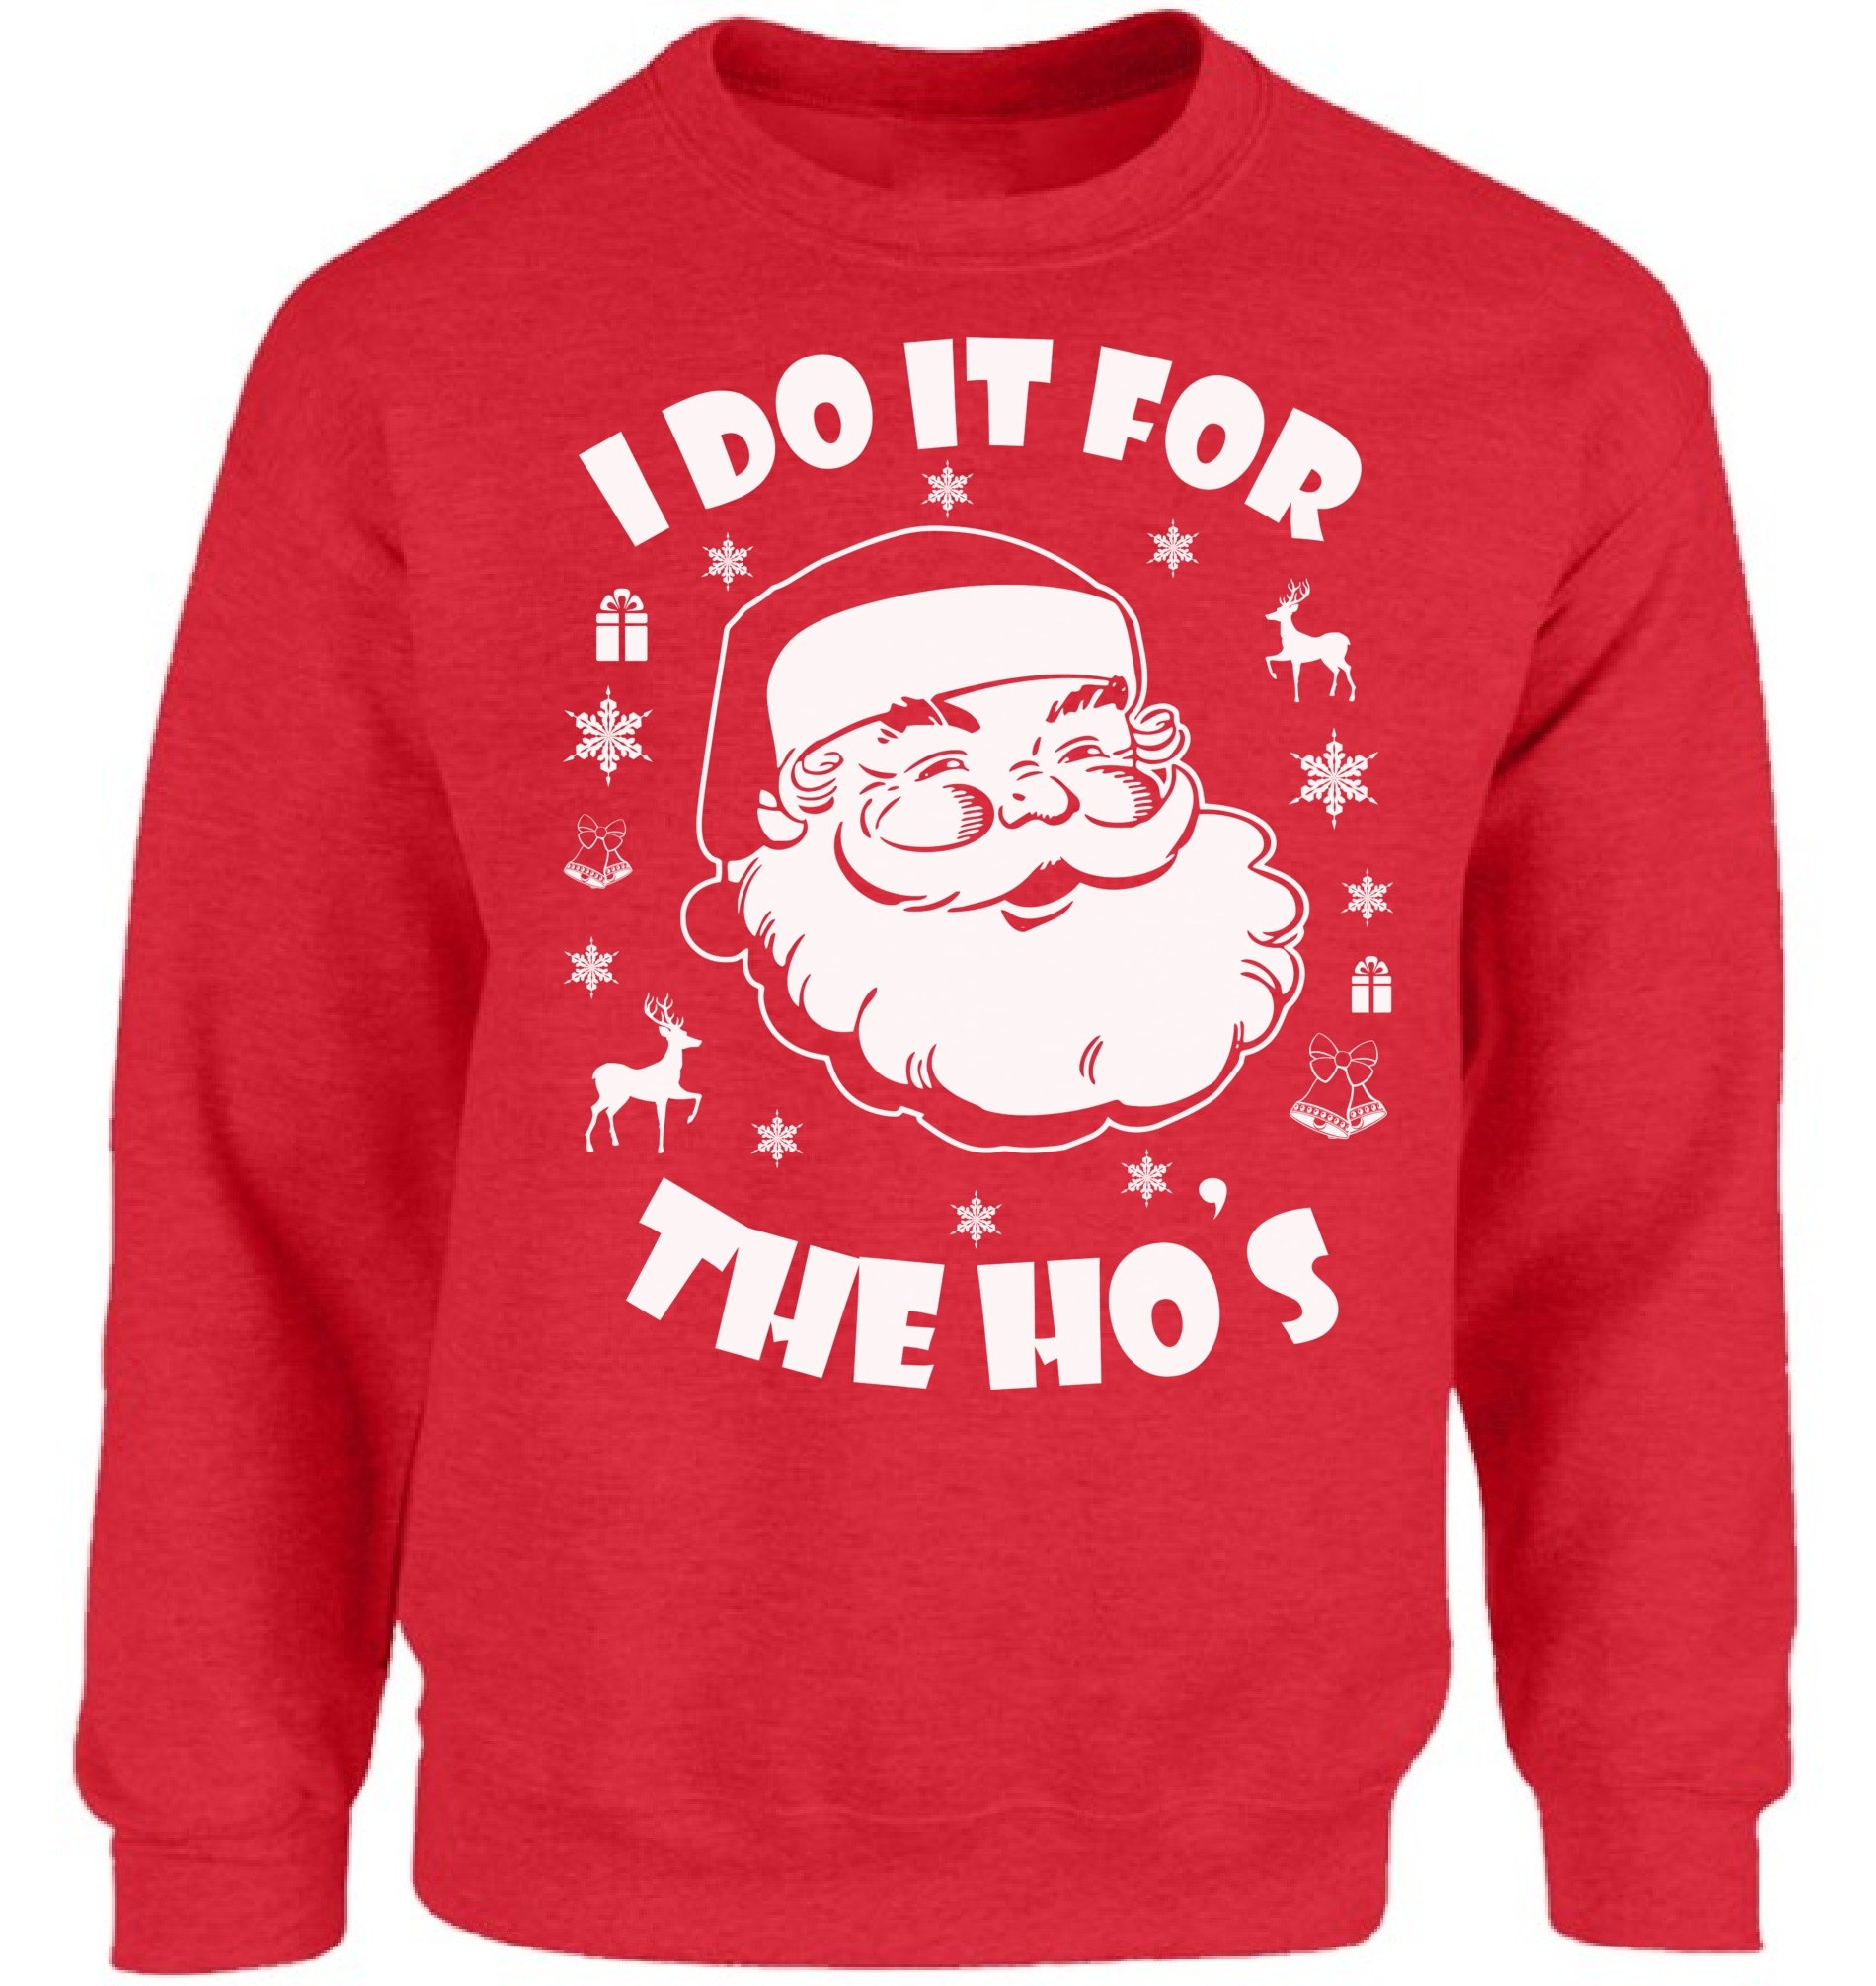 Vizor I Do It for The Hos Sweatshirt I Do It for The Hos Sweater Ugly Christmas Sweatshirt Funny Santa Sweaters Xmas Gifts Red 3XL